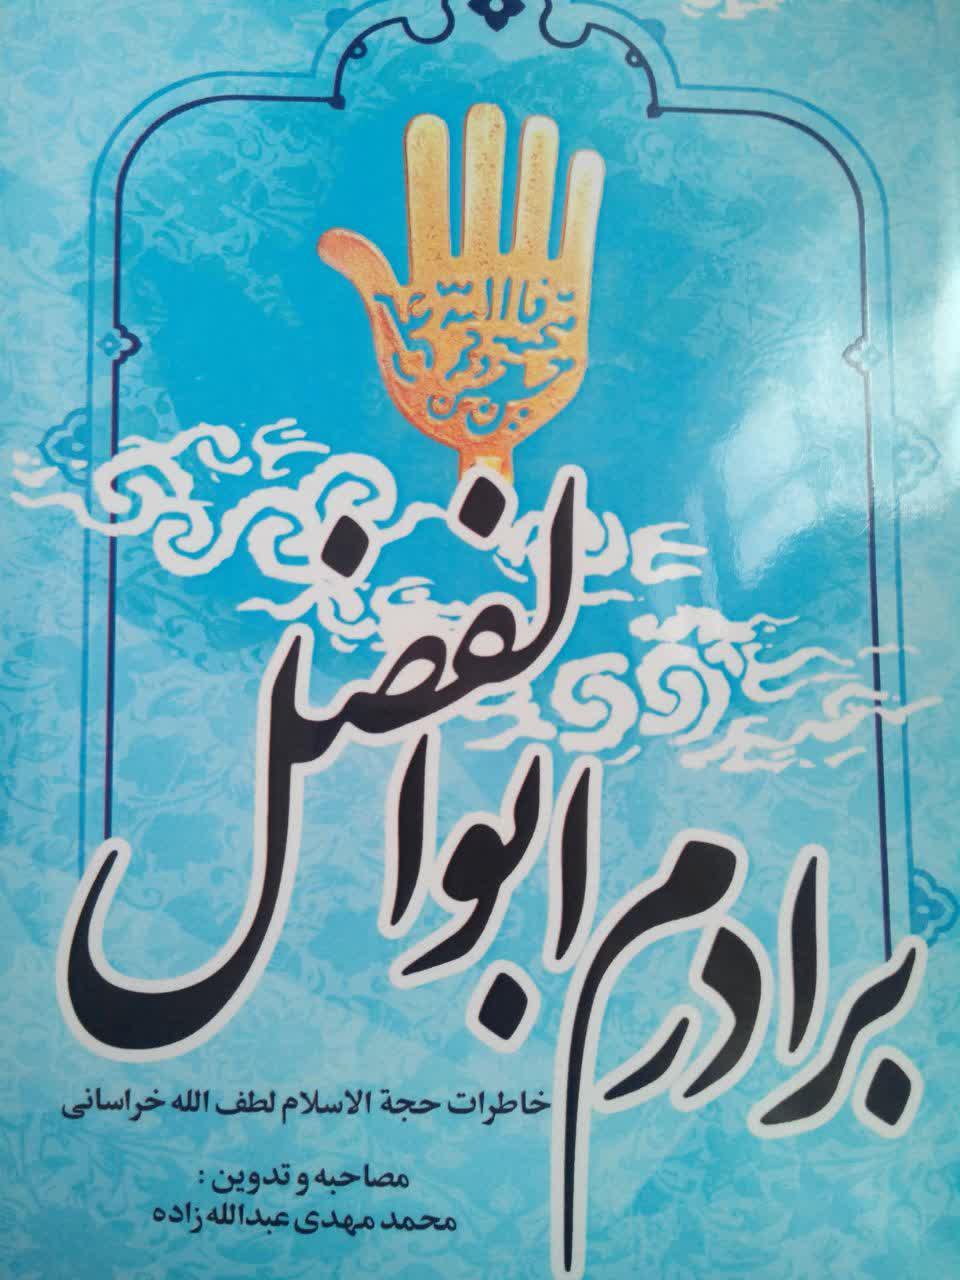 کتاب برادرم ابوالفضل( مجموعه خاطرات حجت الاسلام لطف الله خراسانی)